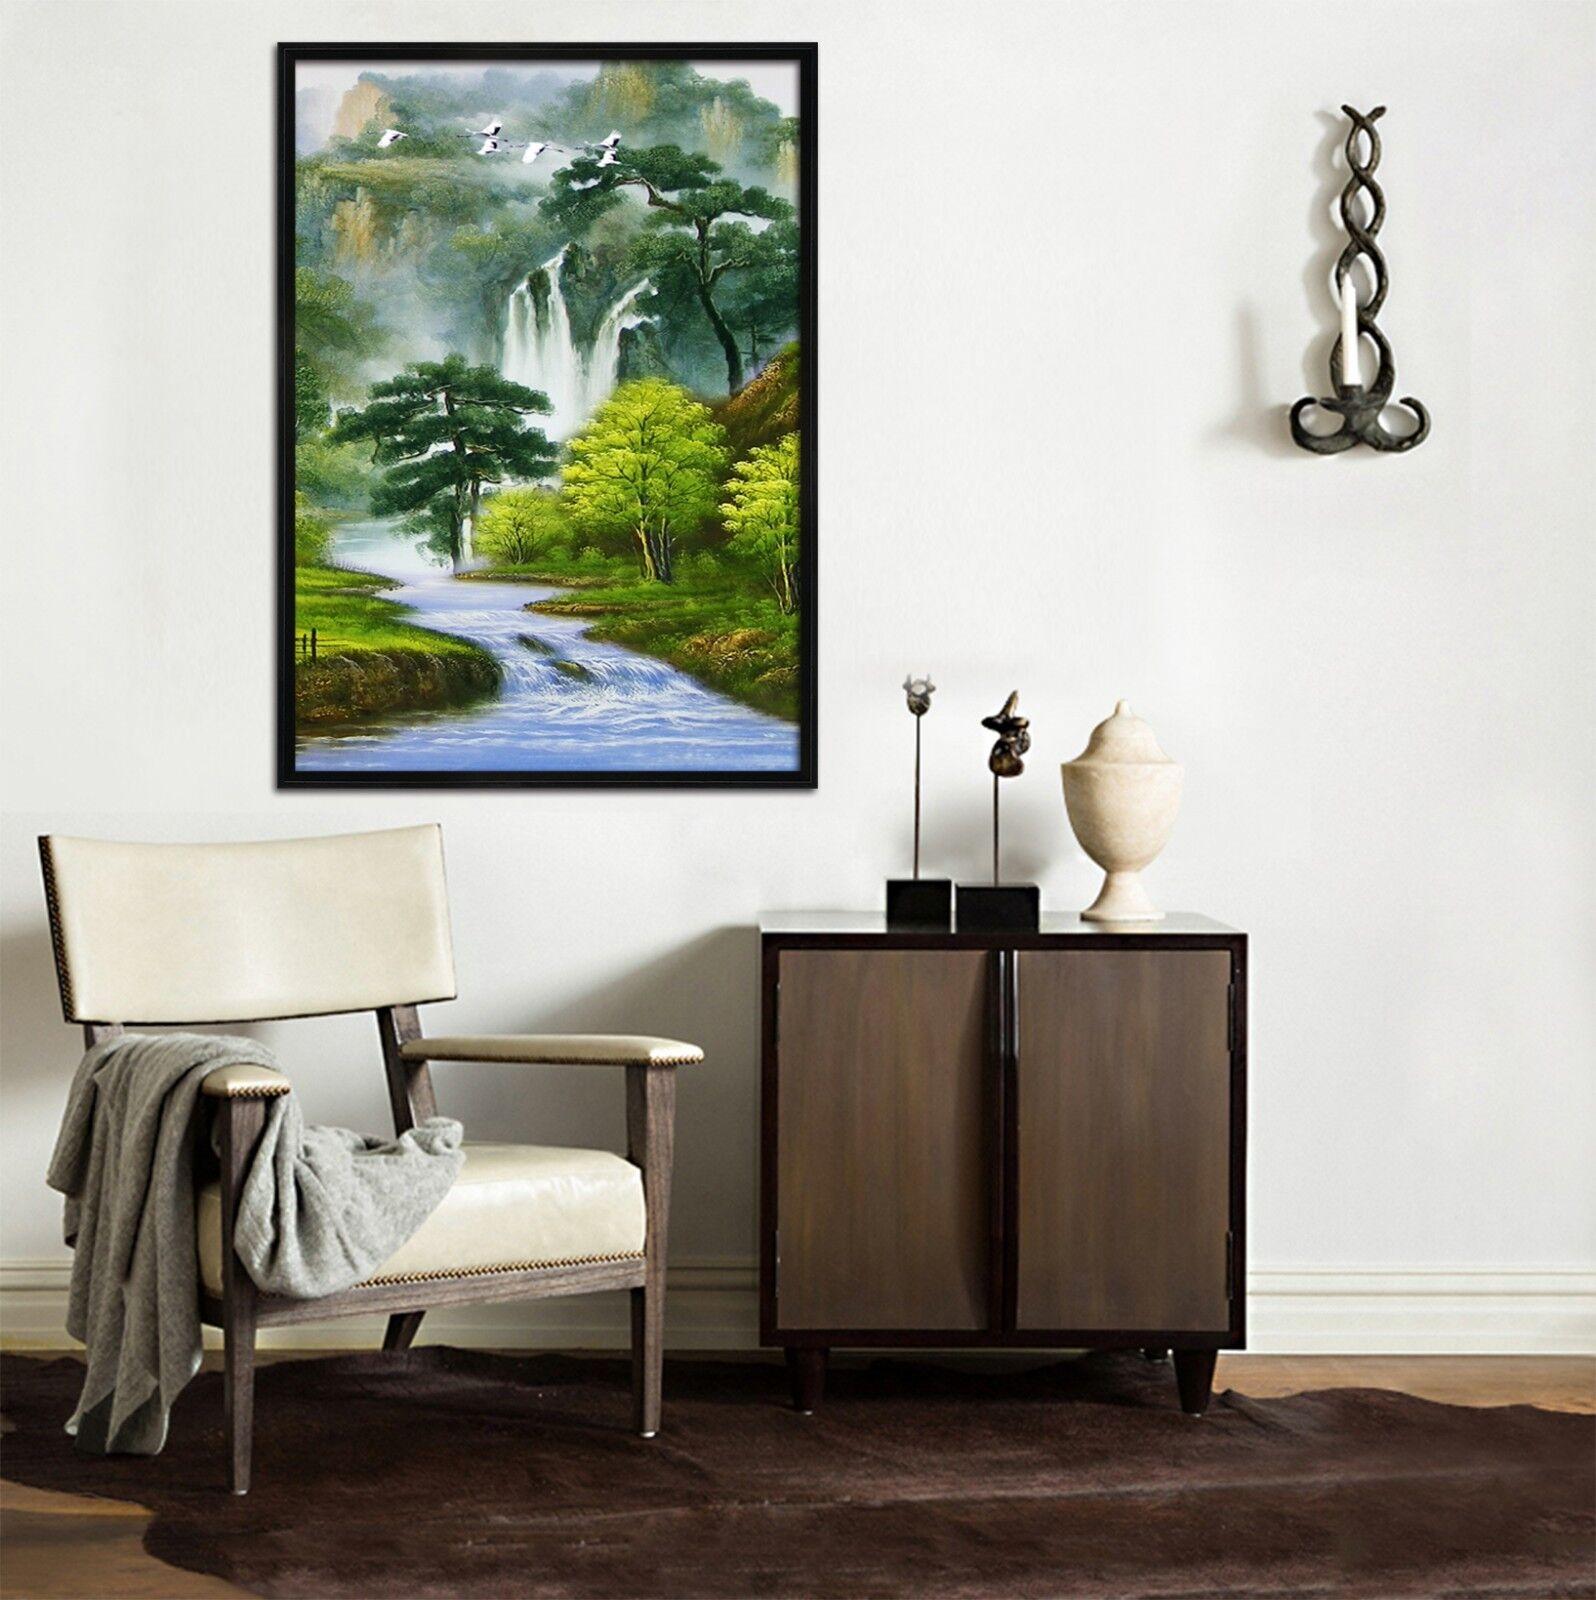 3D Woods Crane 5 Framed Poster Home Decor Print Painting Art AJ UK